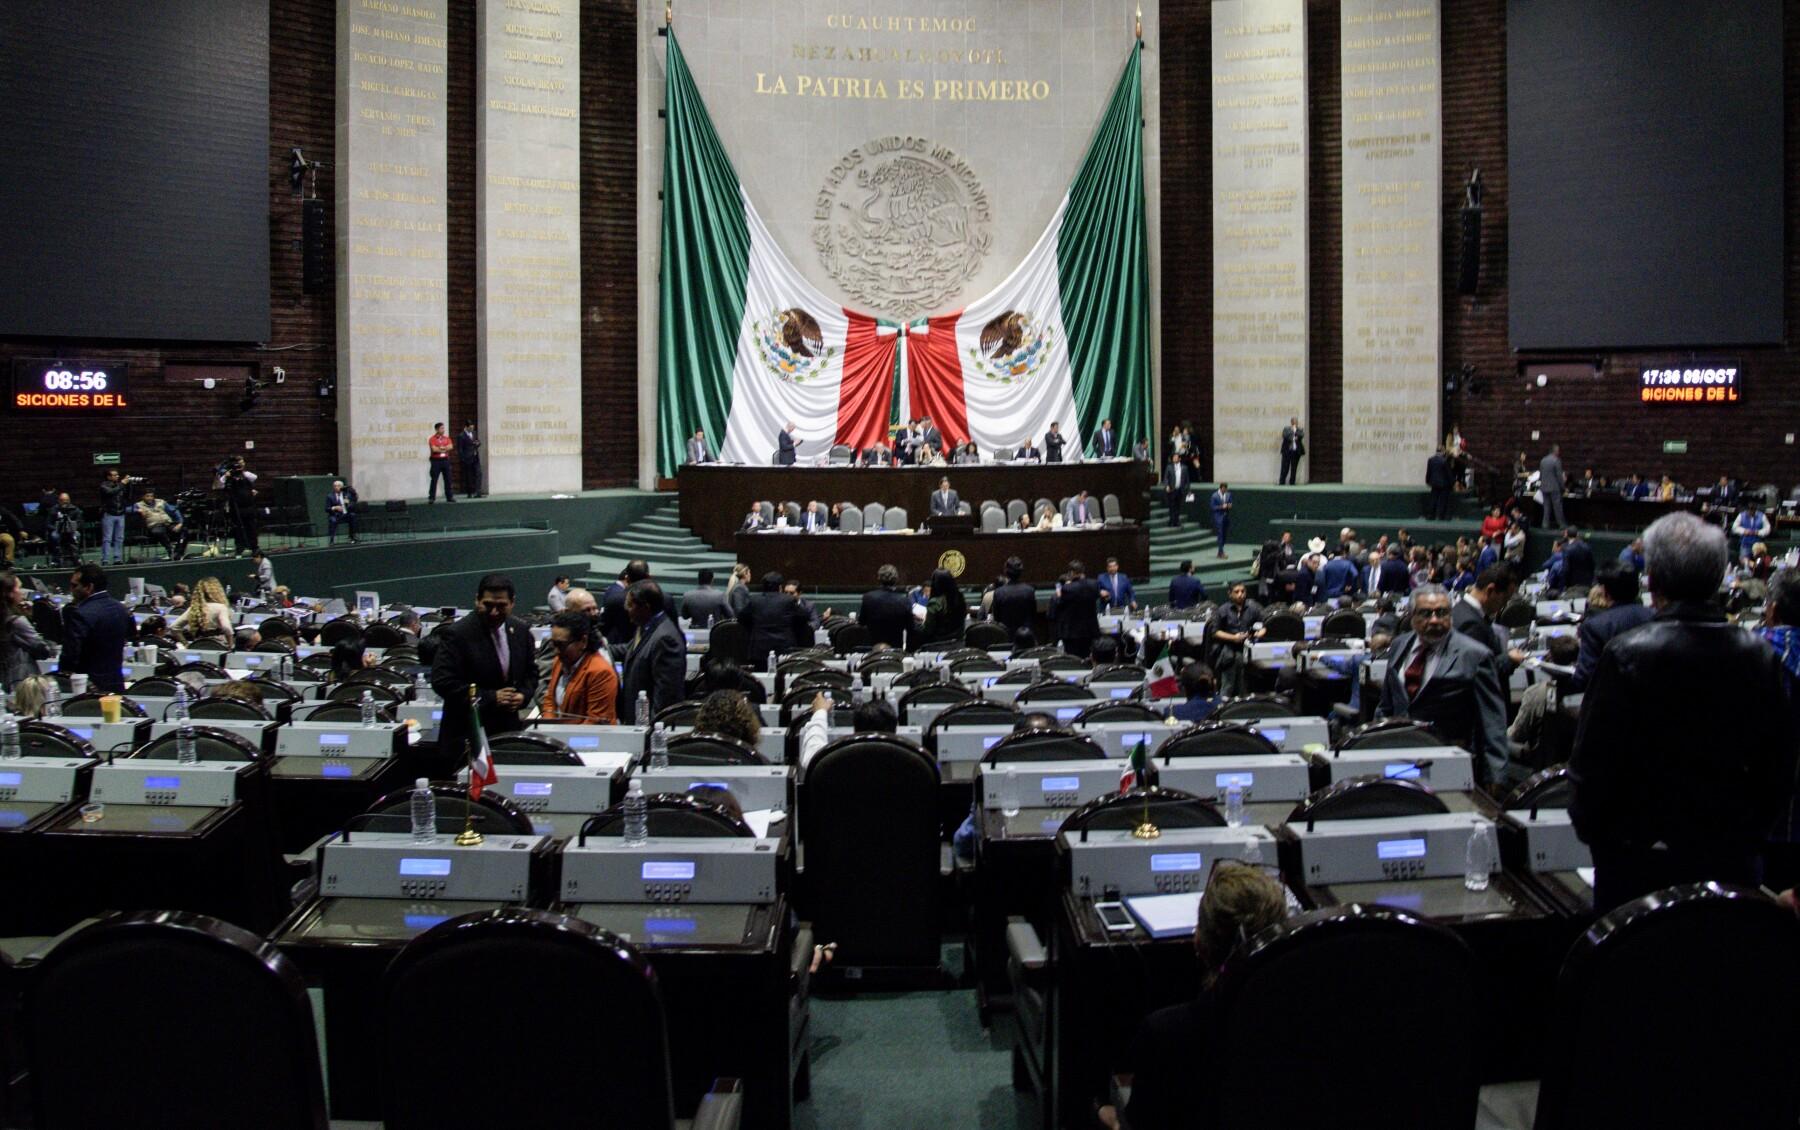 Sesin_Ordinaria_Diputados-3_2.jpg